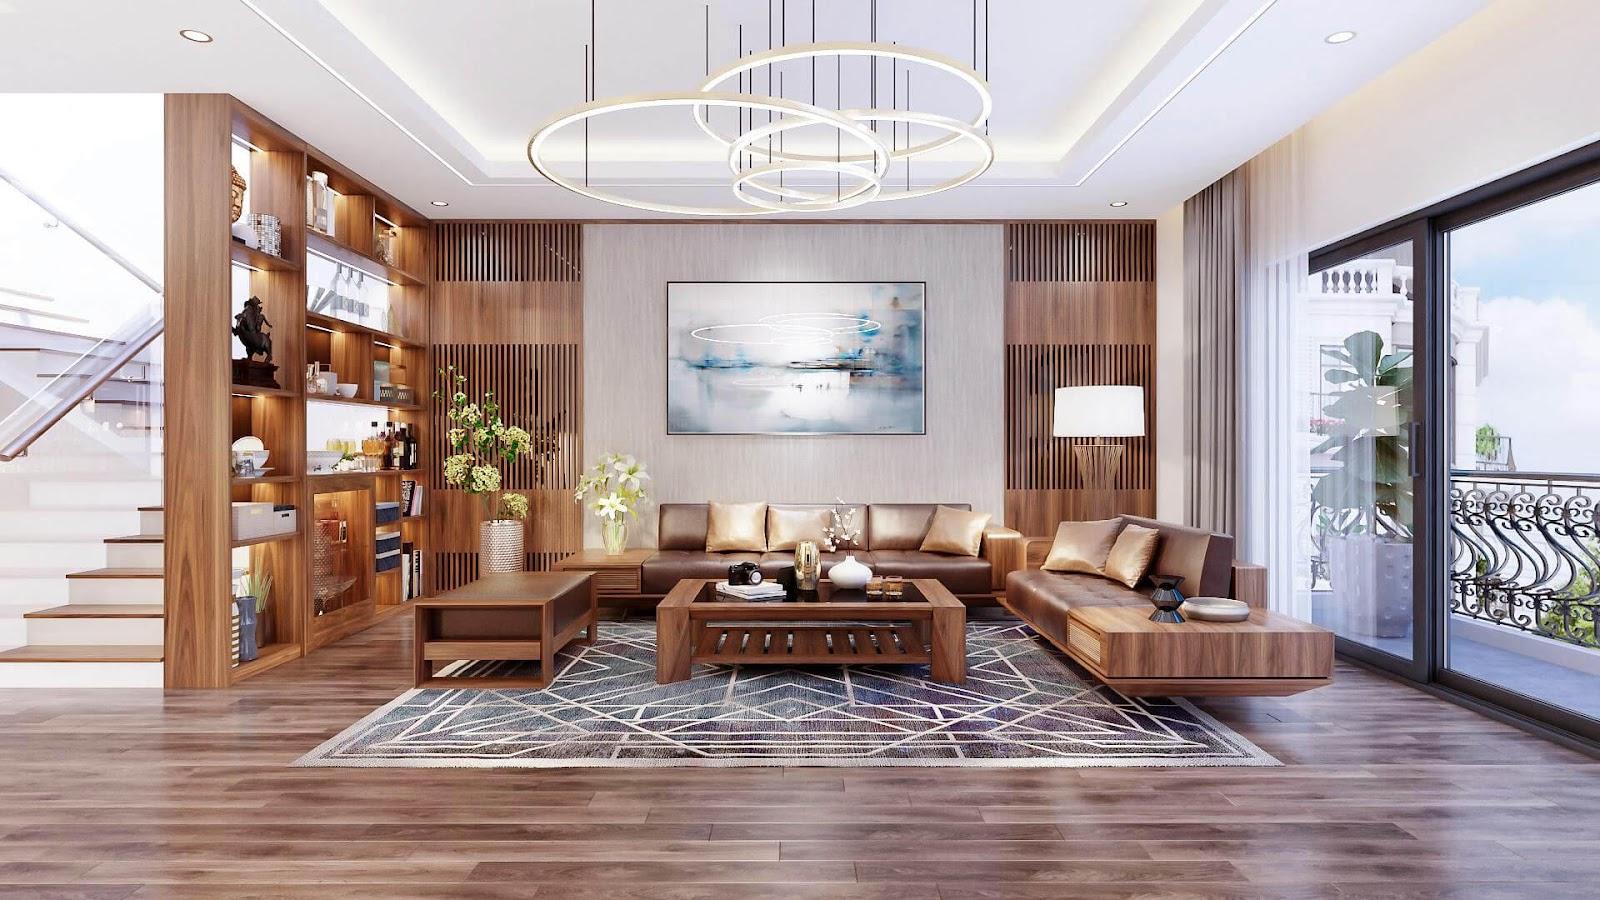 Không gian rộng rãi, chất liệu gỗ cao cấp kết hợp màu sắc hài hòa tạo sự sang trọng, đẳng cấp cho căn phòng